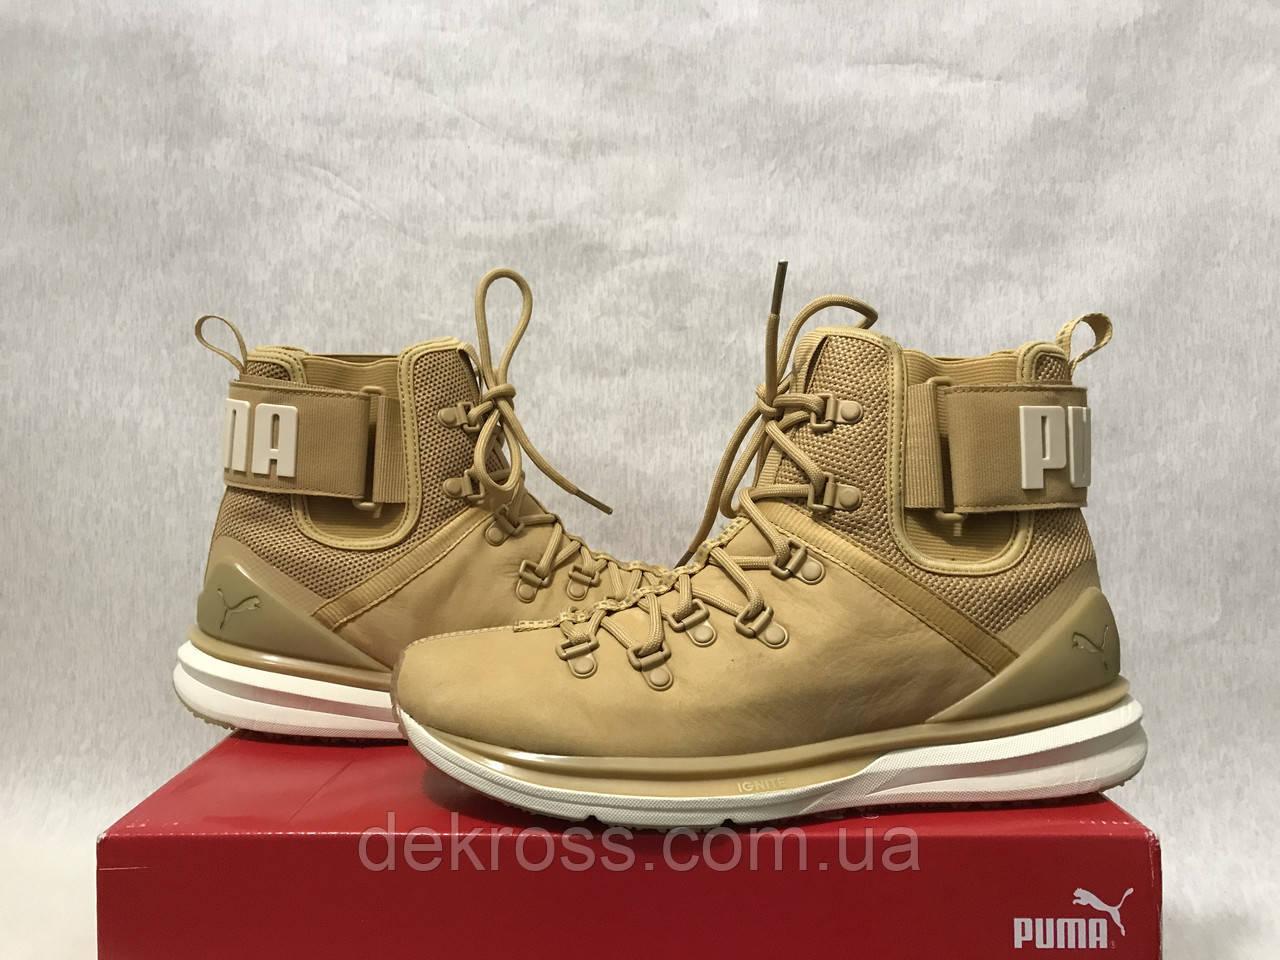 Ботинки Puma Ignite Limitless Boot Оригинал 190563-02